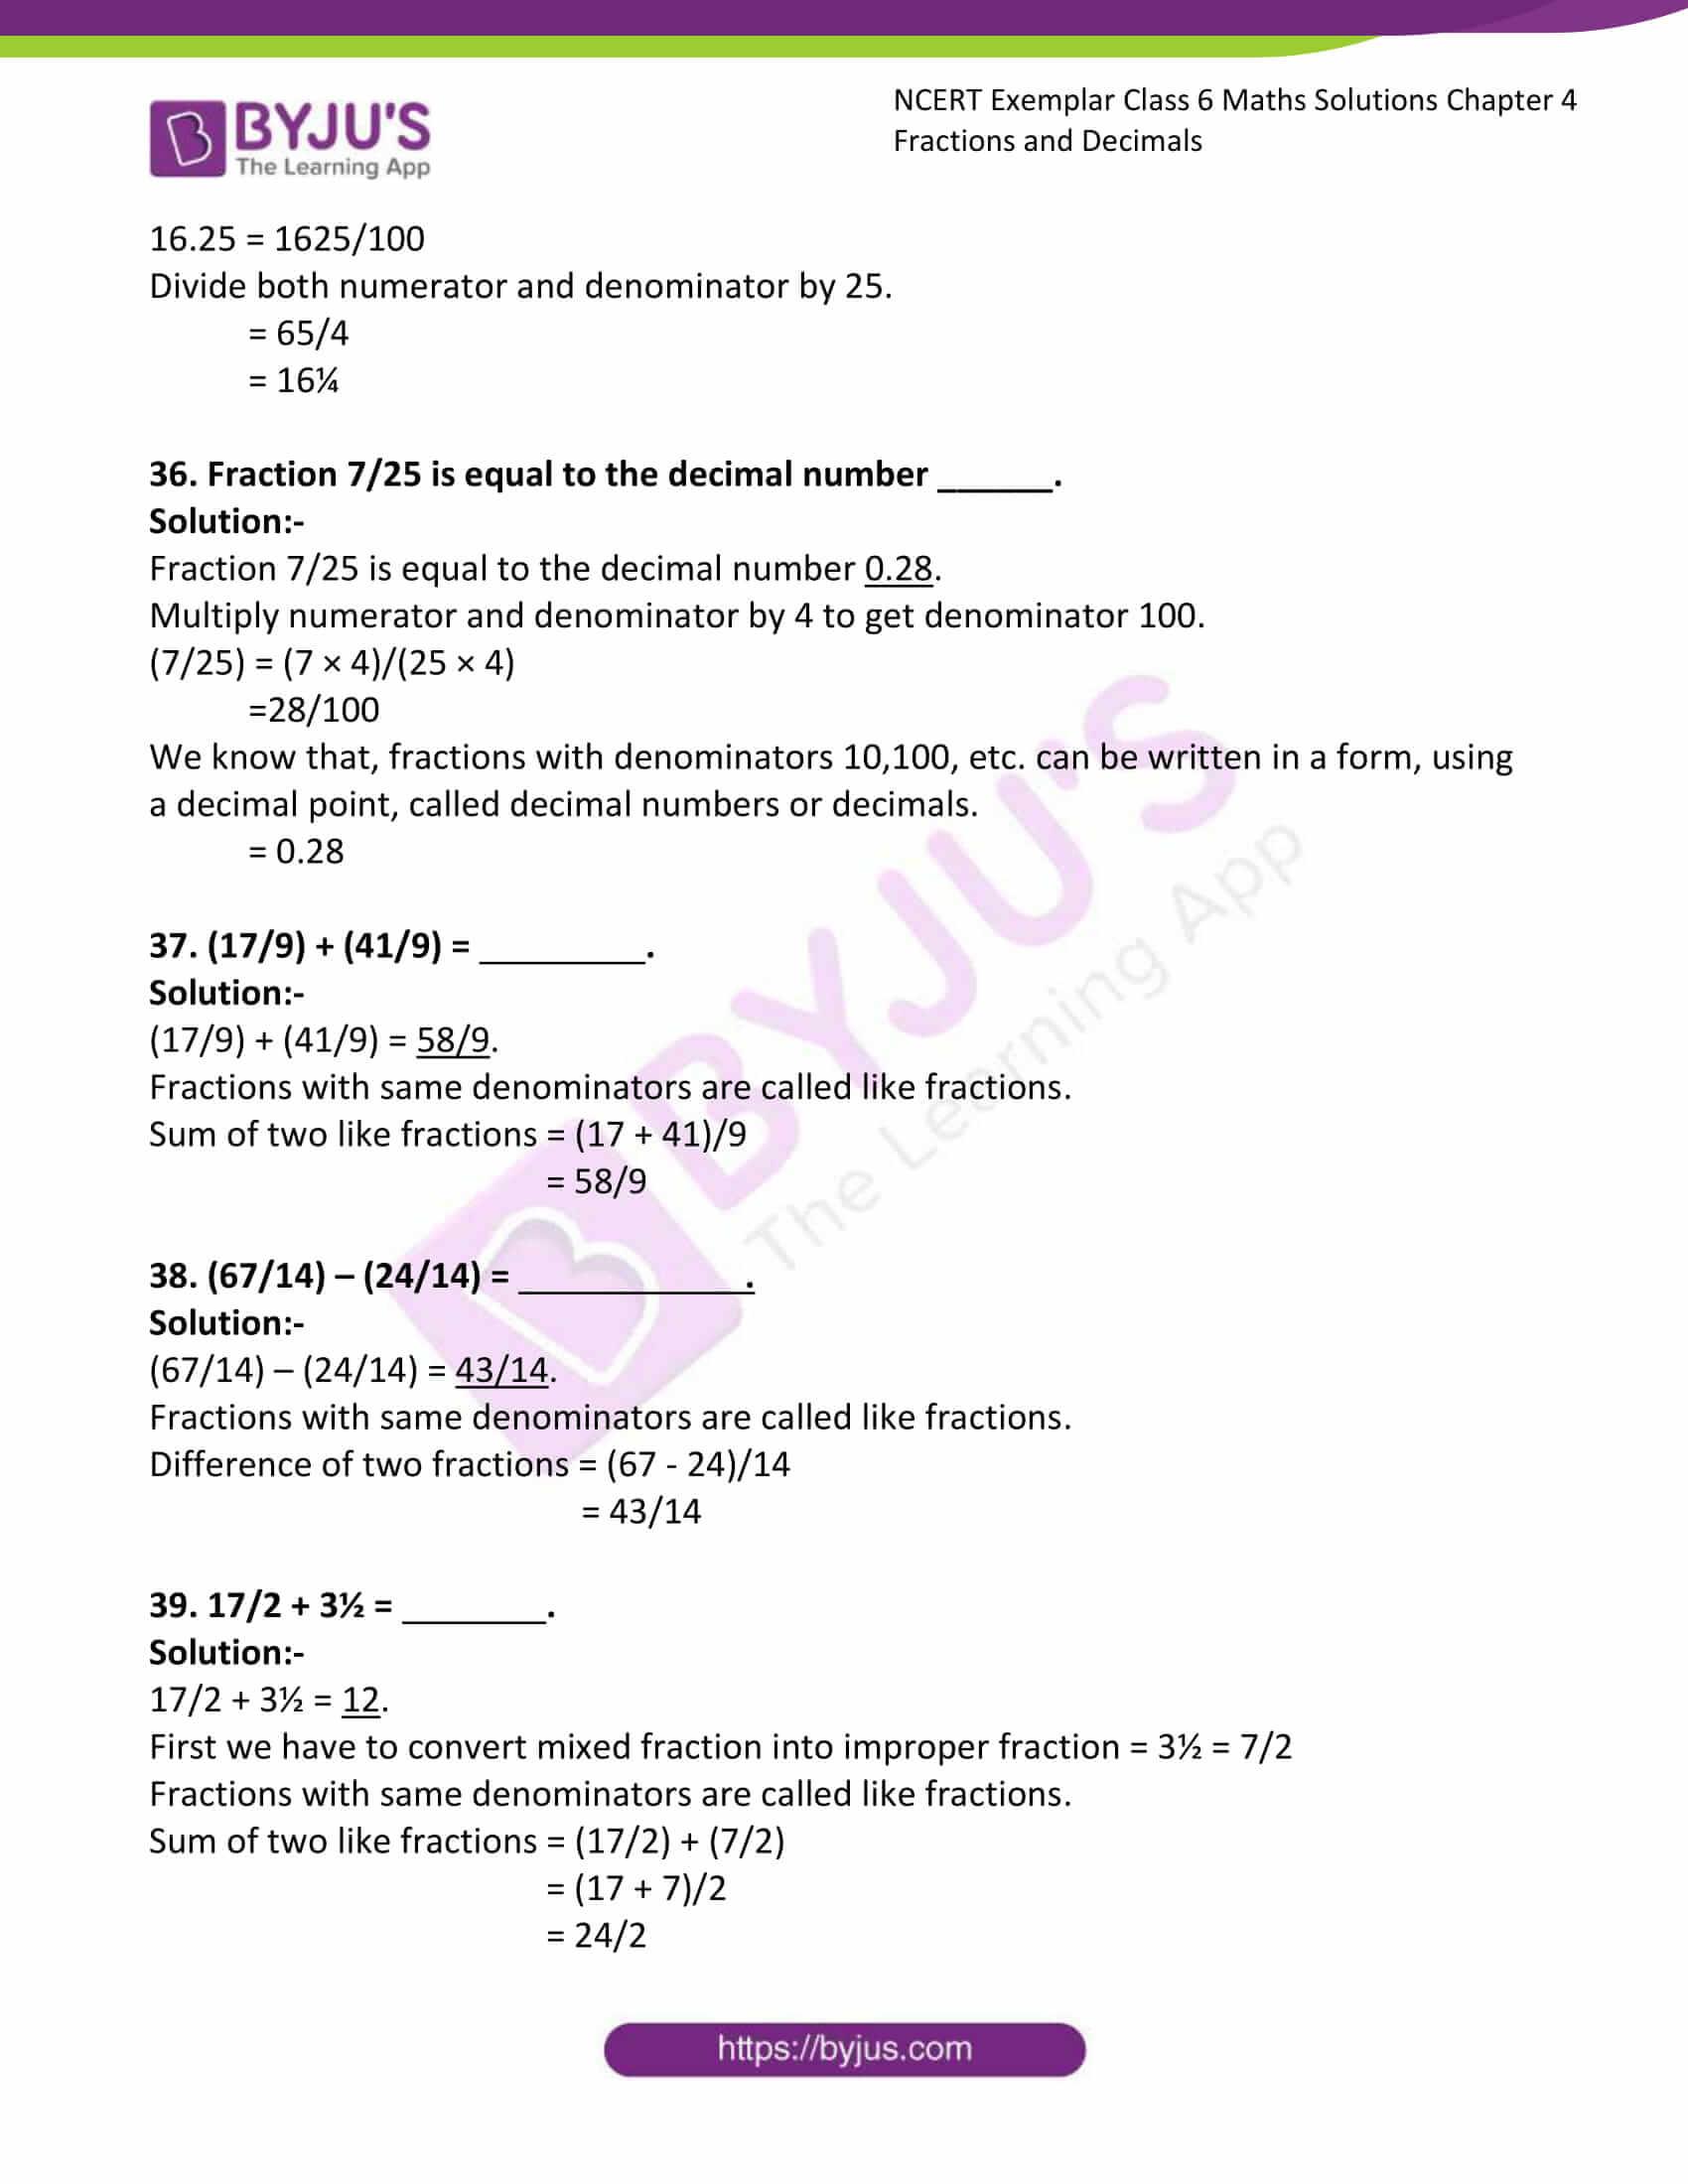 ncert exemplar class 6 maths solutions chapter 4 09